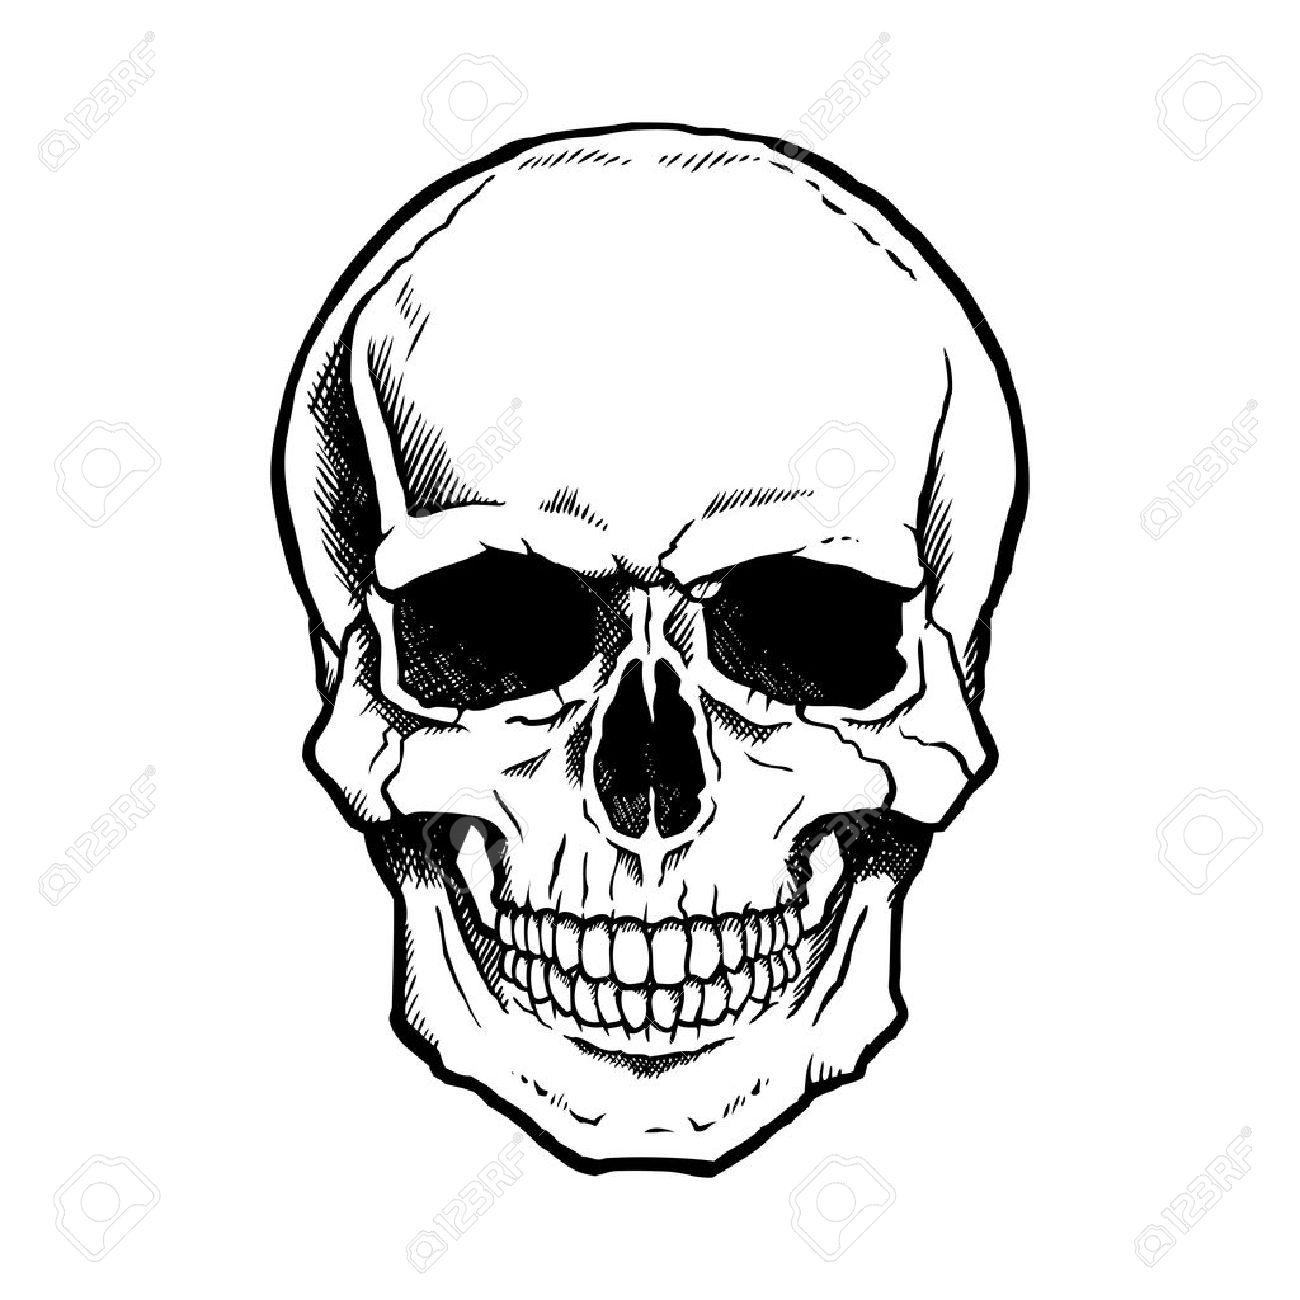 dessin tete de mort noir et blanc crne humain avec une mchoire infrieure